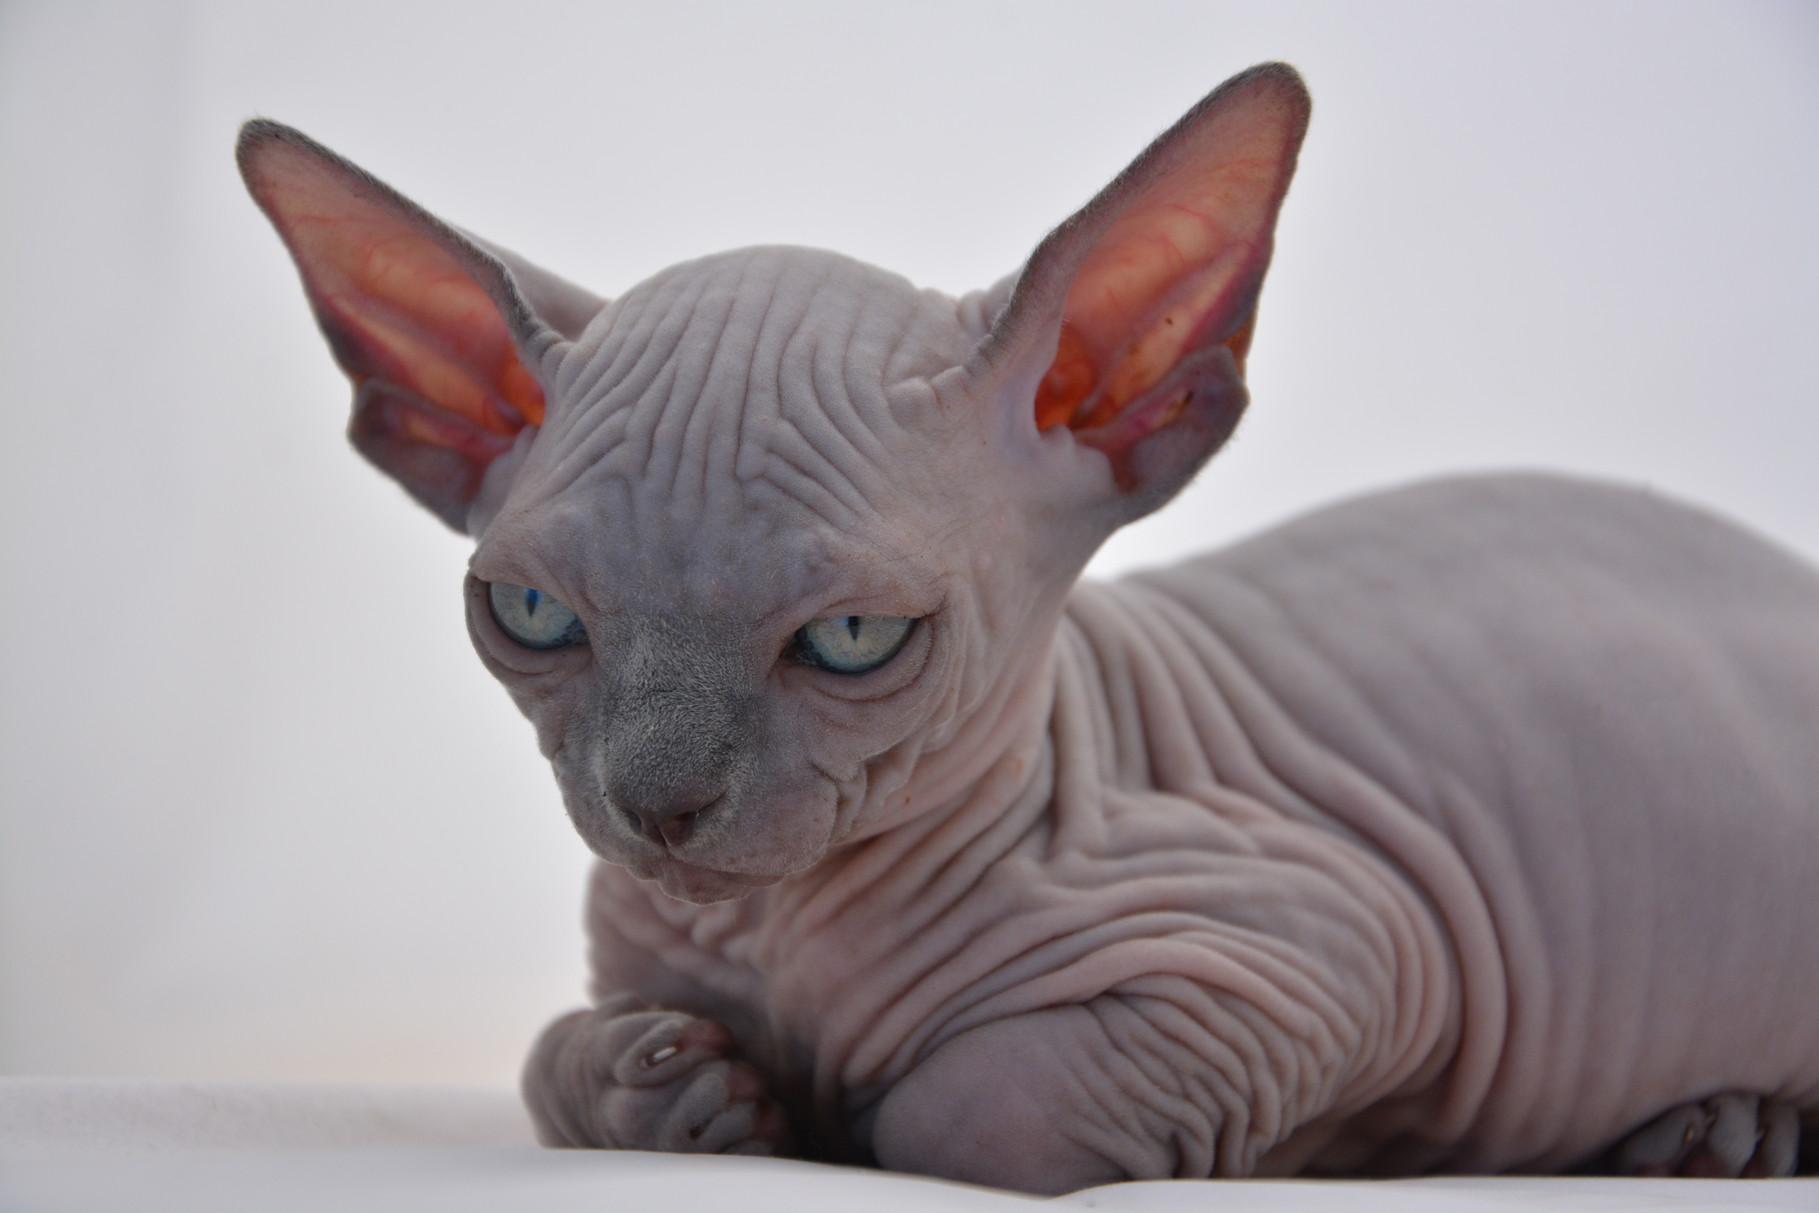 Mèo Sphynx chính là giống mèo quý có giá đắt nhất thế giới